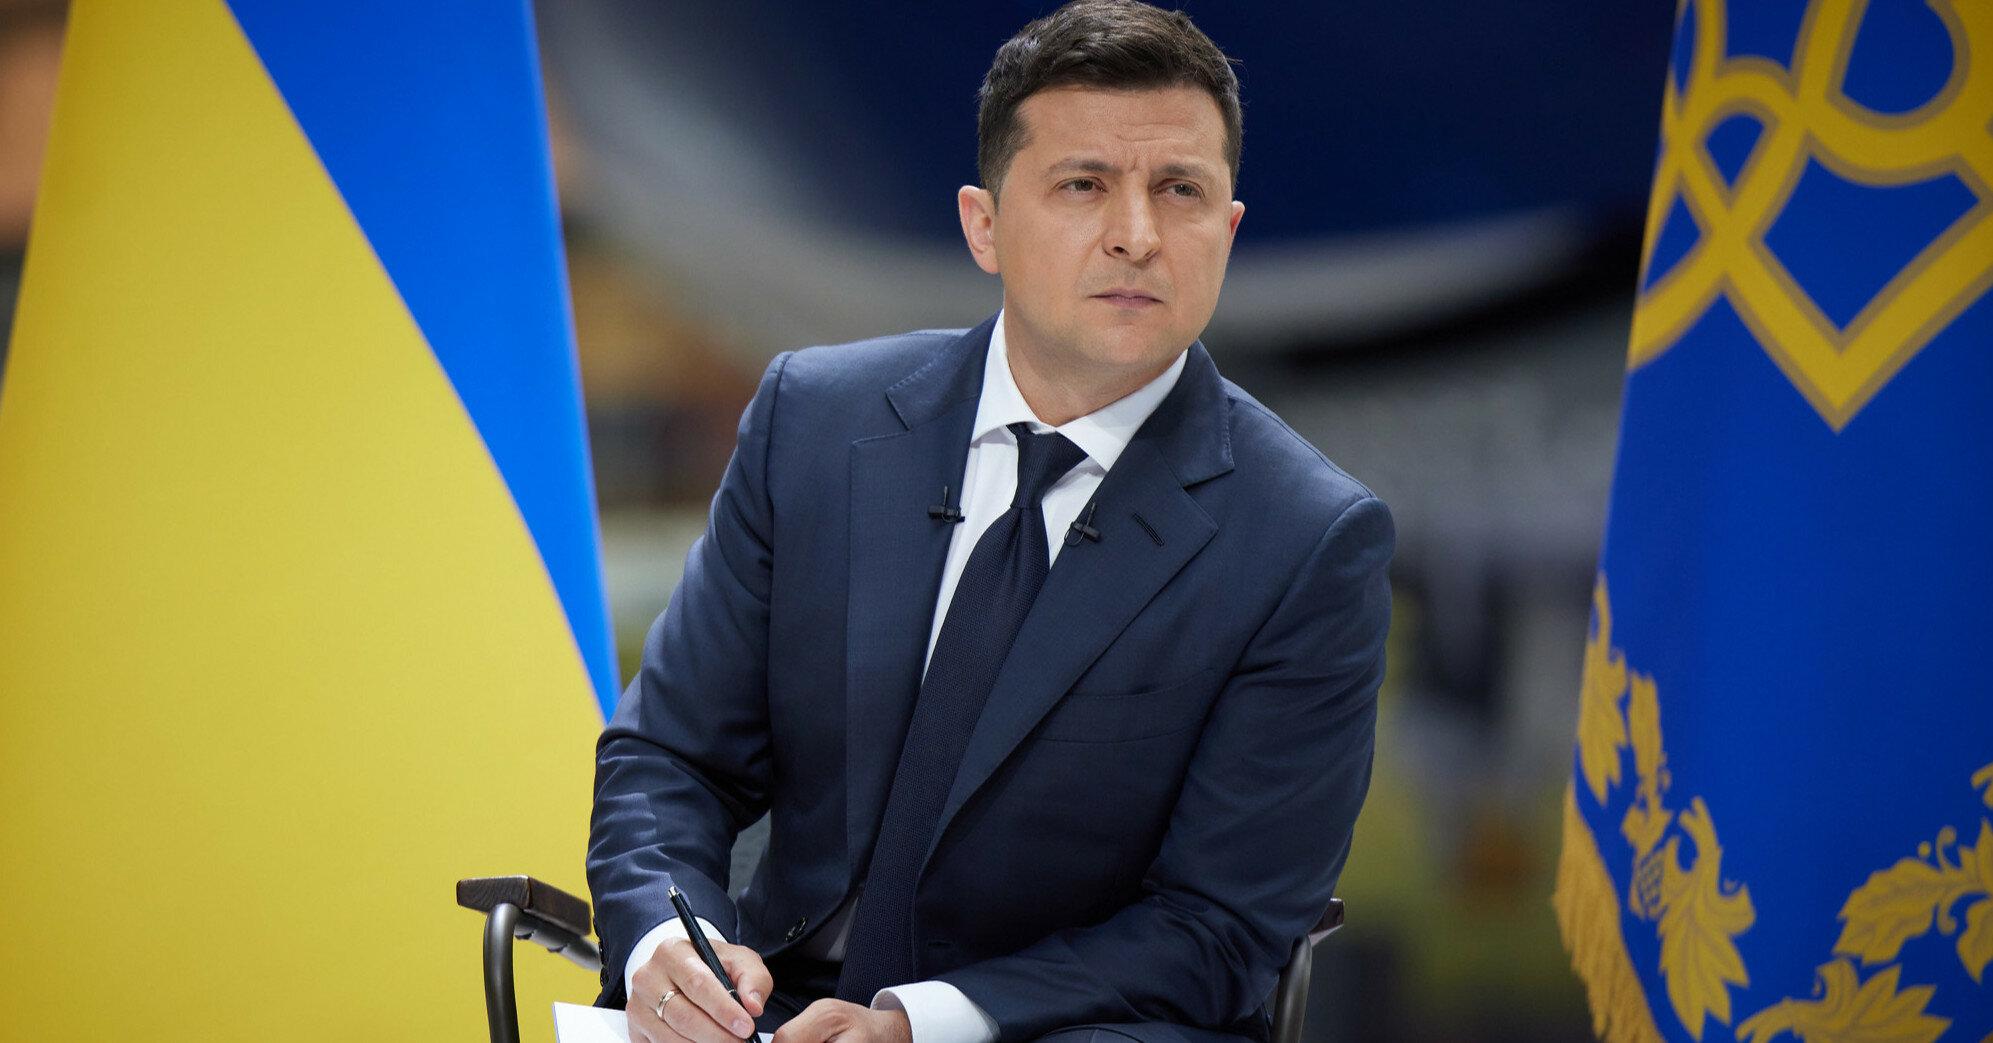 Закон о деолигархизации: как украинцы относятся к инициативе Зеленского